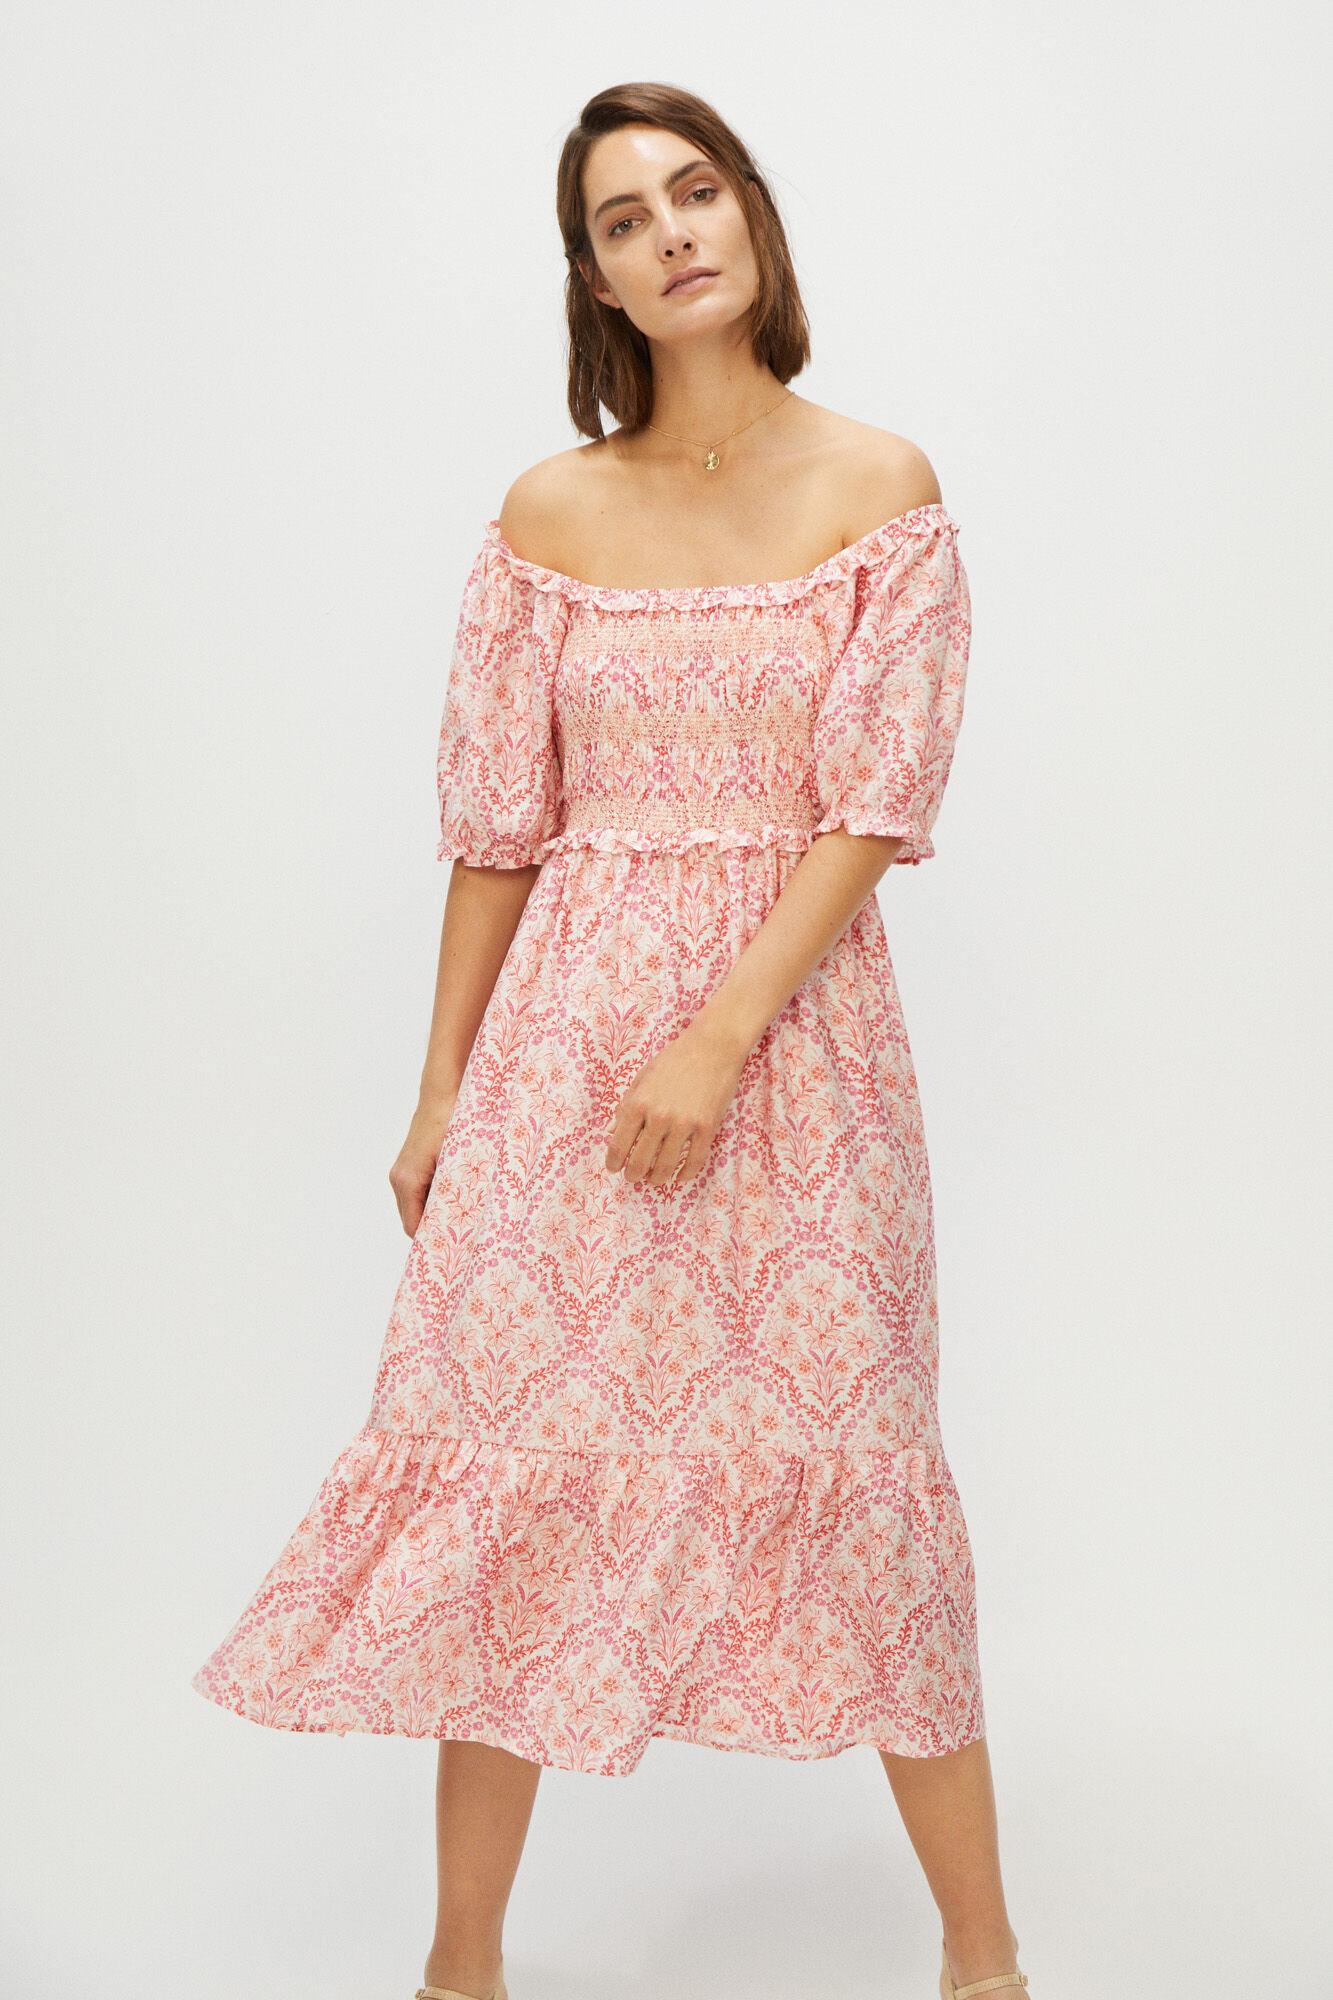 Vestido manga corta de estampado de flores